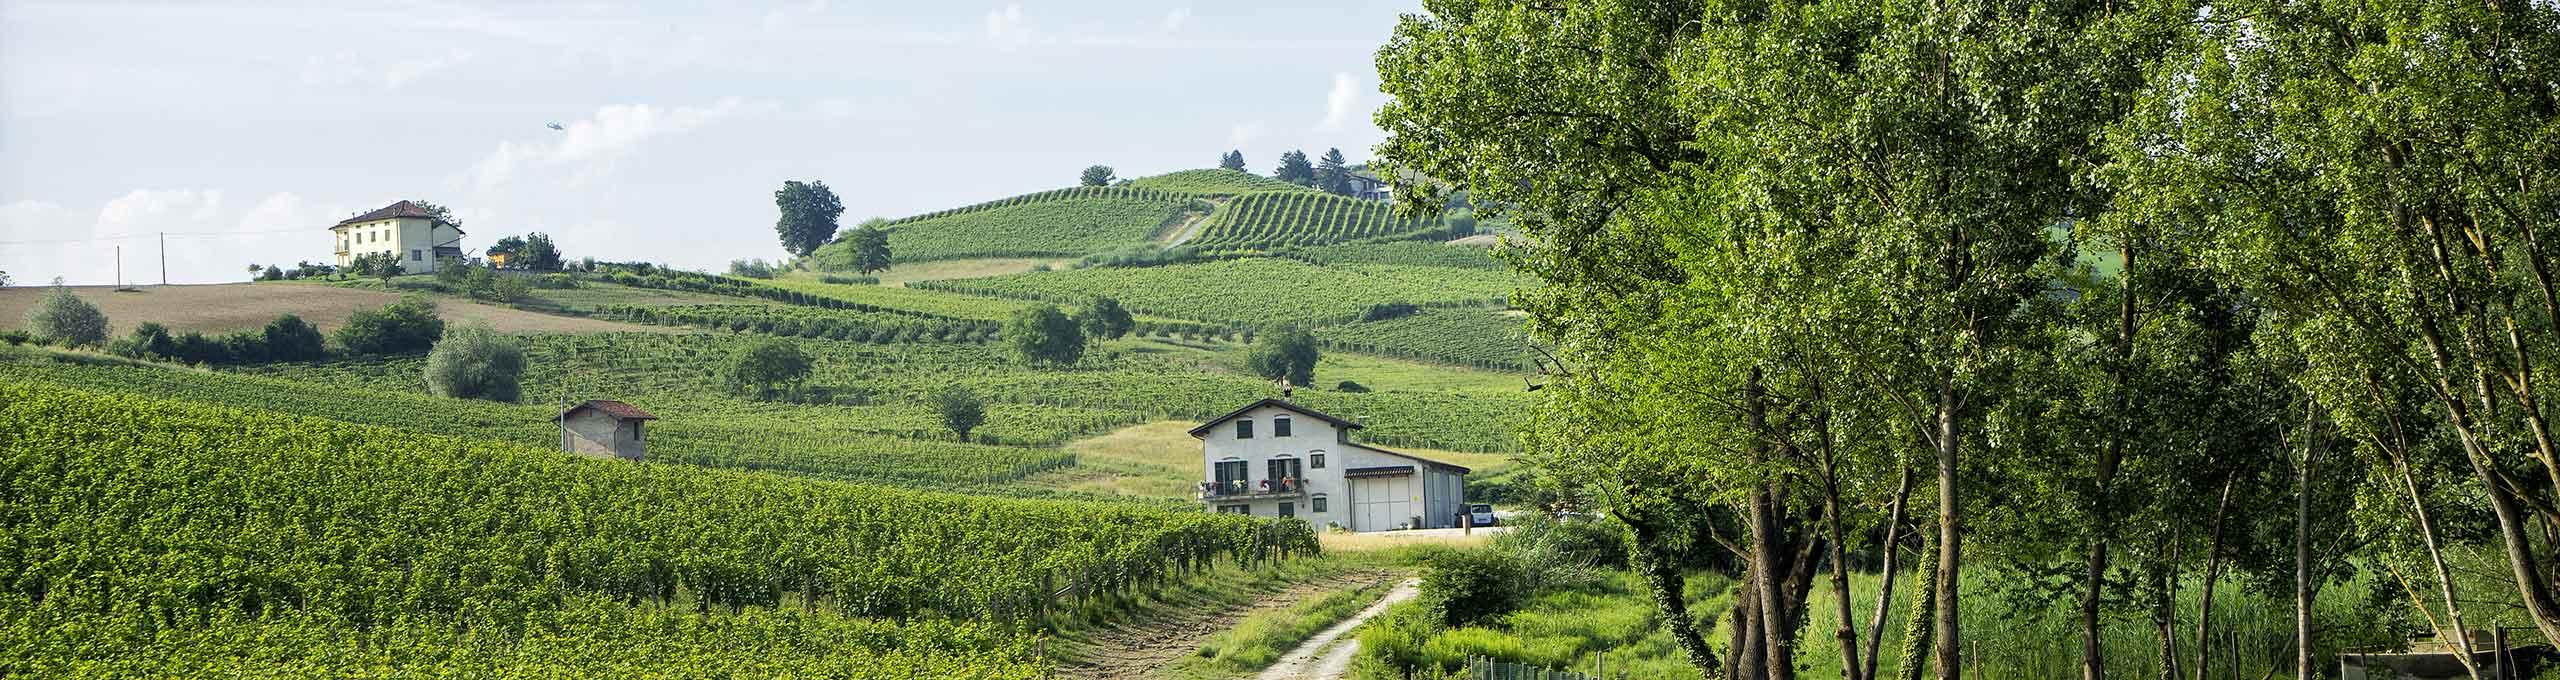 Nizza Monferrato, Monferrato Astigiano